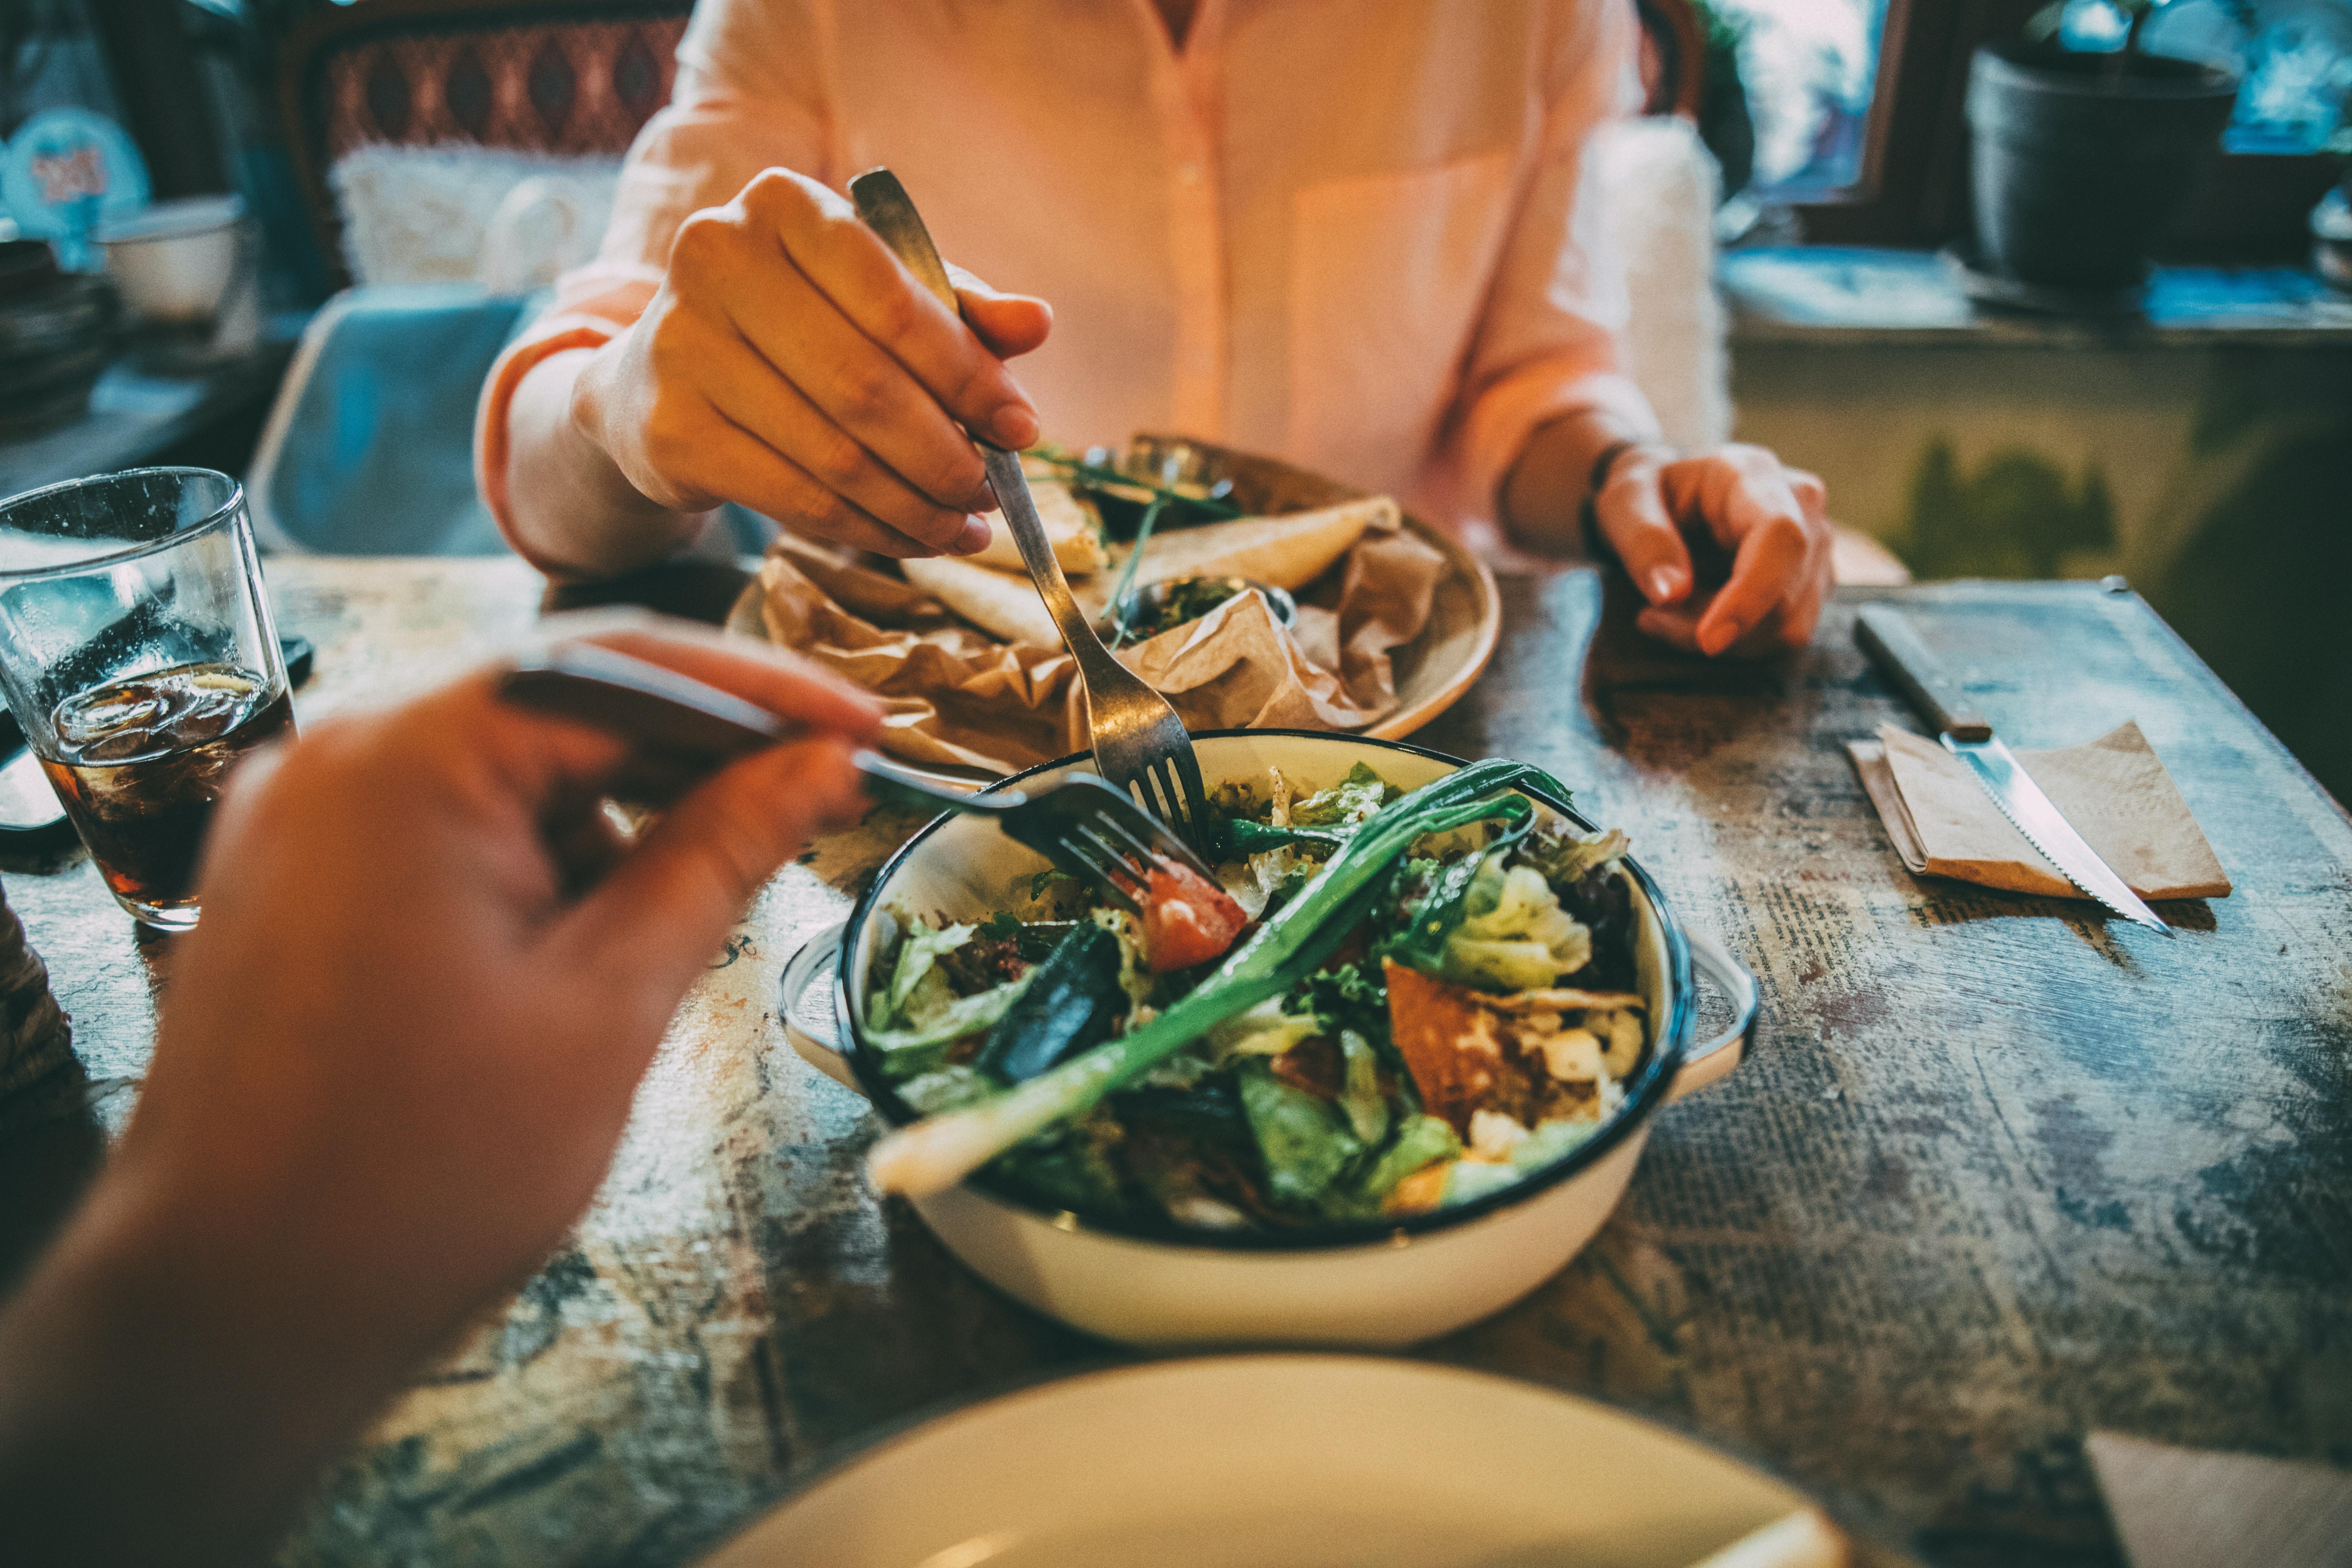 spis fedt og tab dig